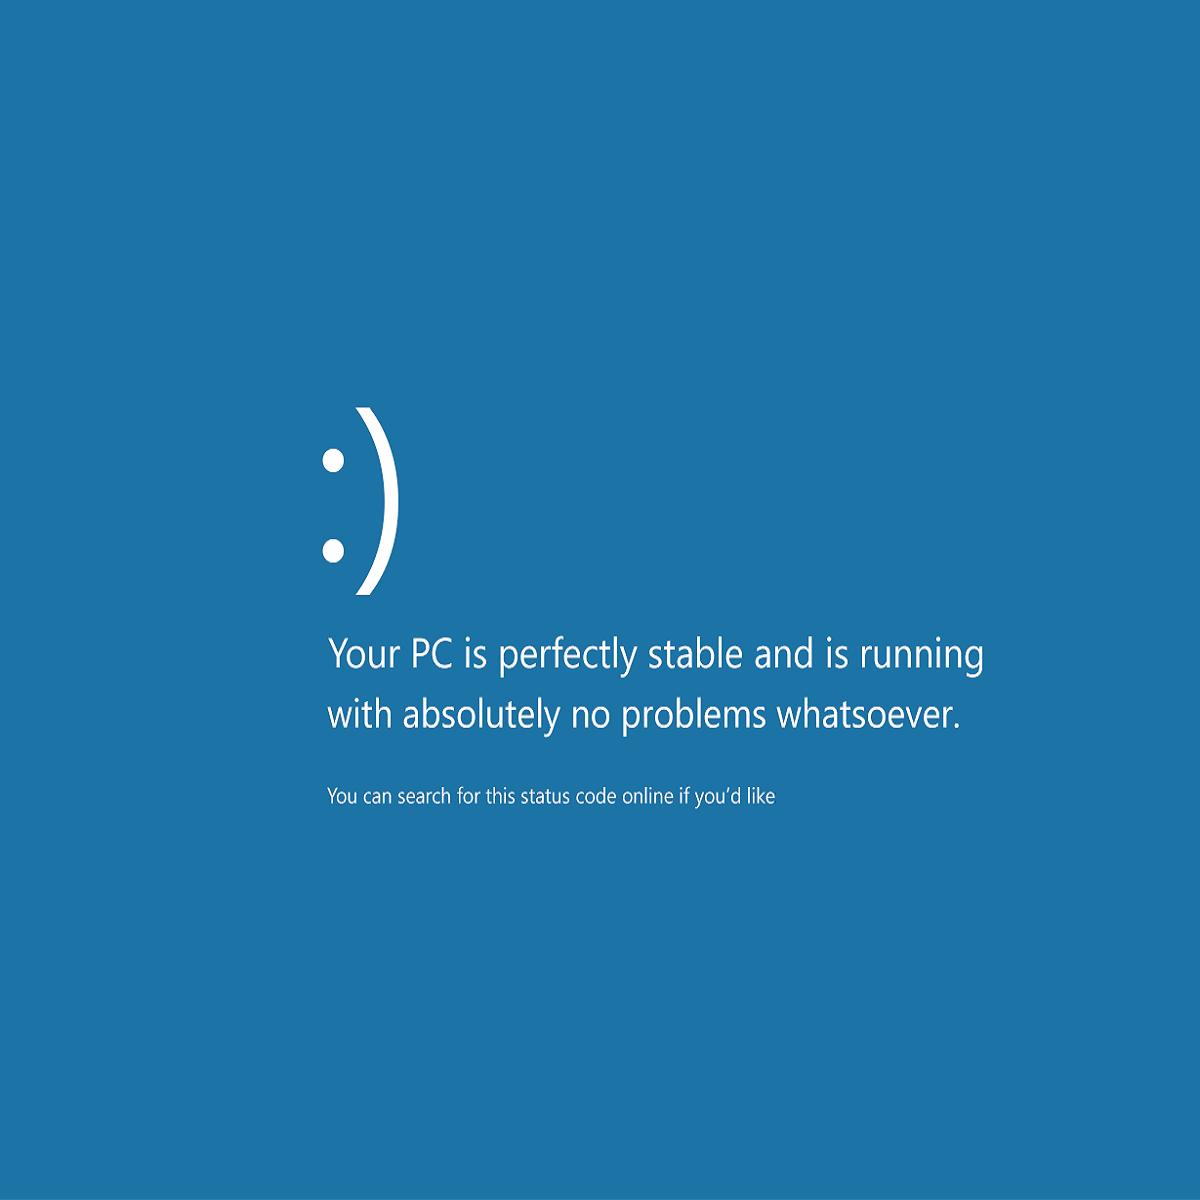 Kako popraviti unutarnju grešku video programera u sustavu Windows? Windows 10